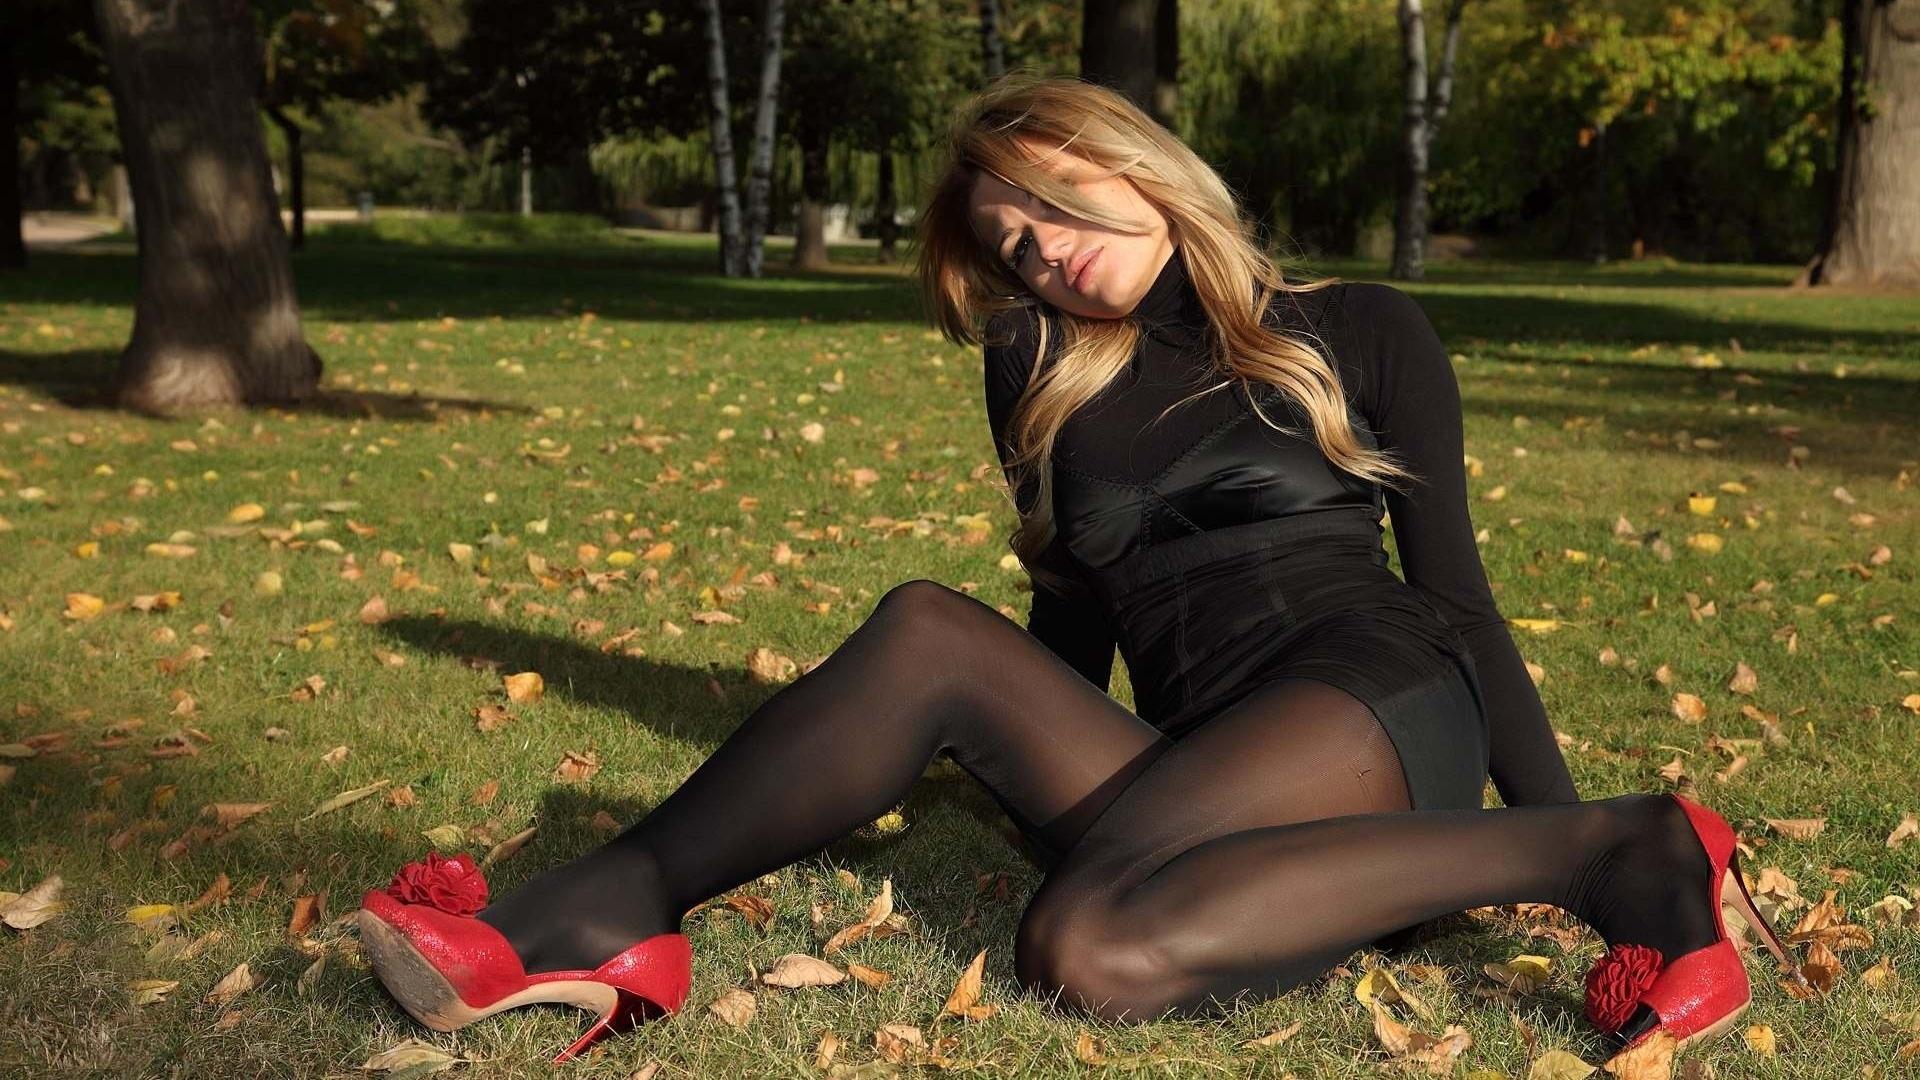 Шикарная девушка в юбке, Порно В юбке -видео. Смотреть порно онлайн! 11 фотография